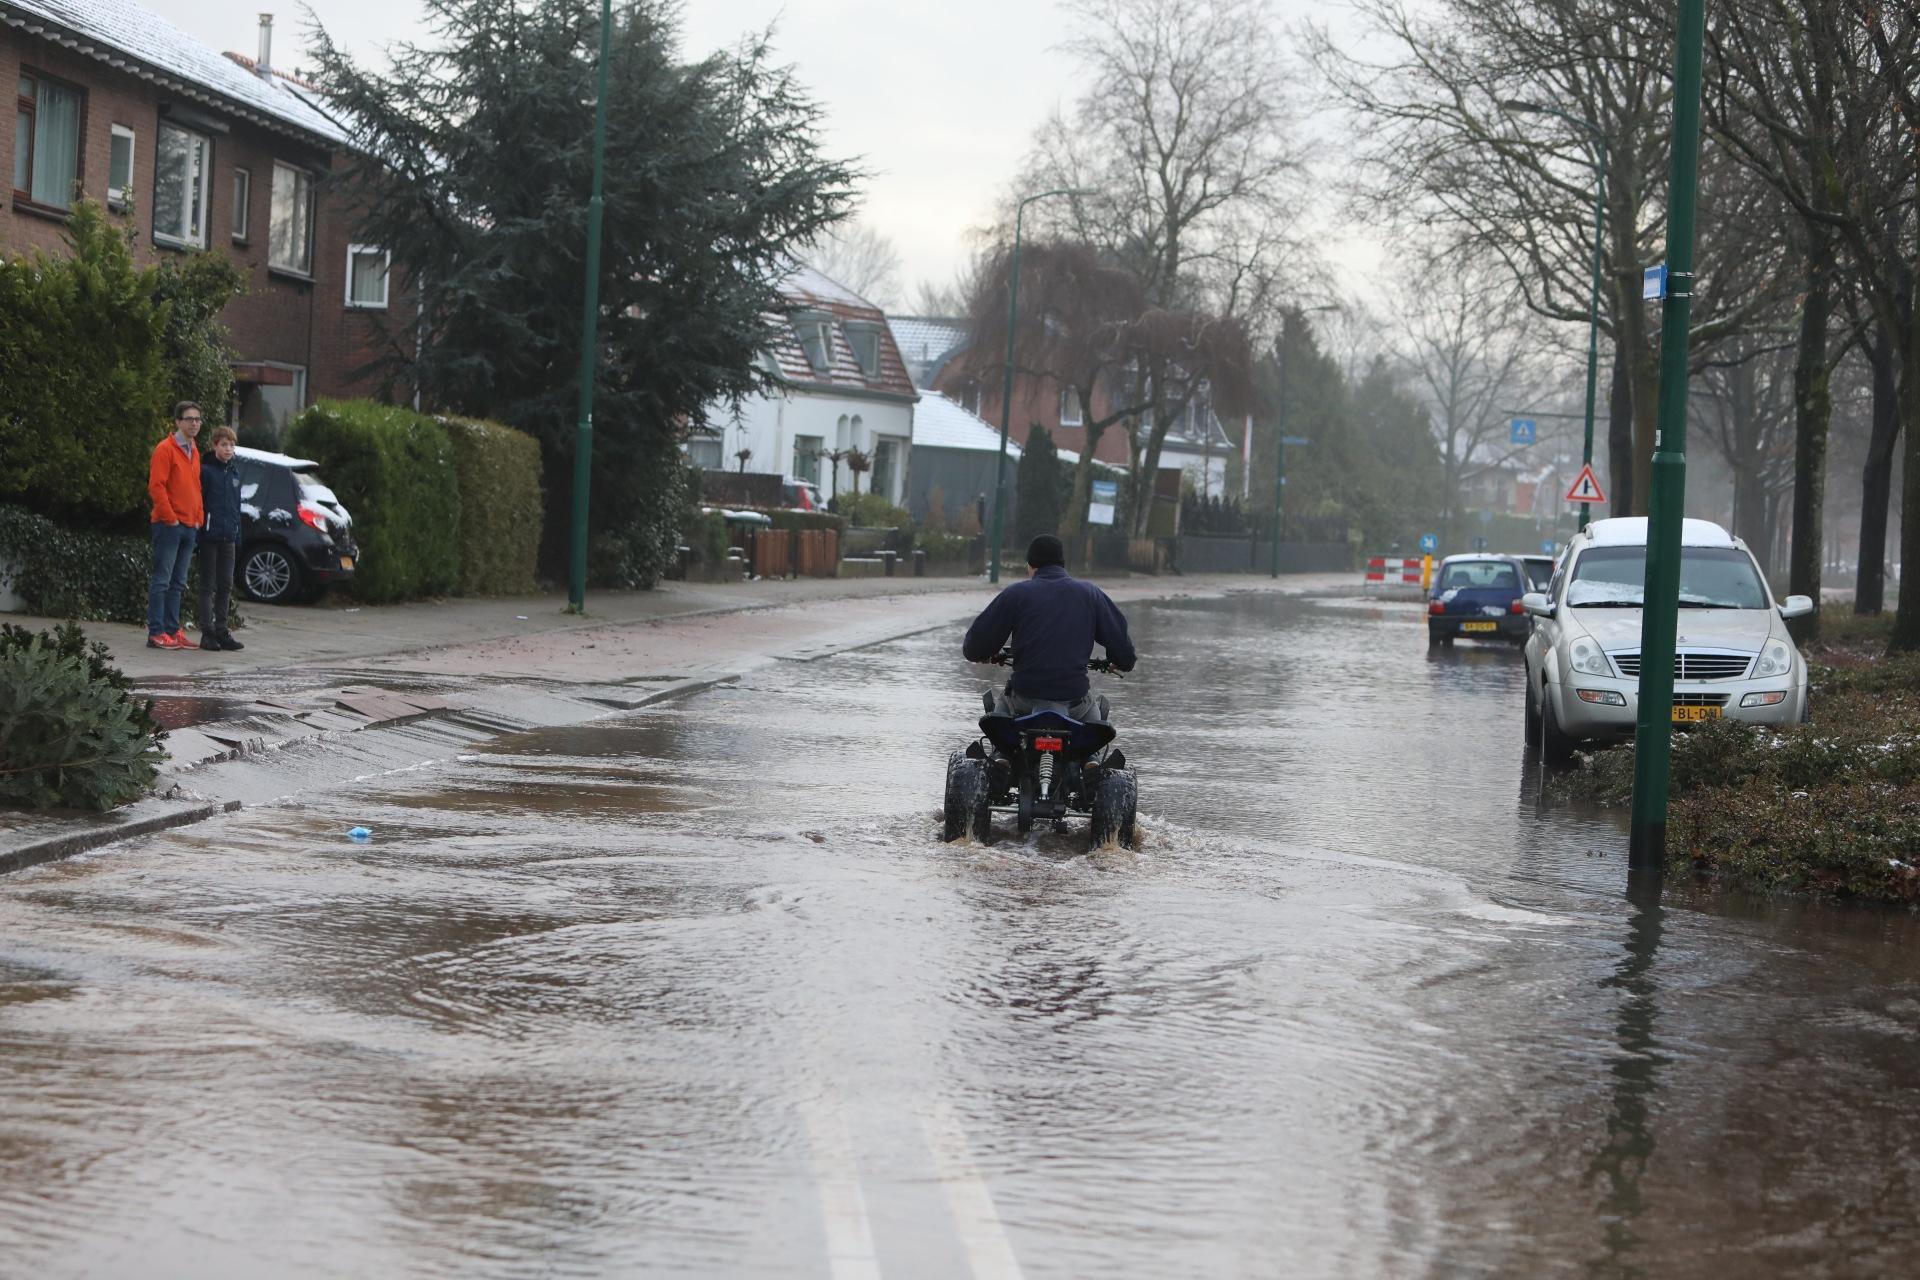 Gesprongen waterleiding zet Laanstraat in Soest blank, weg afgesloten